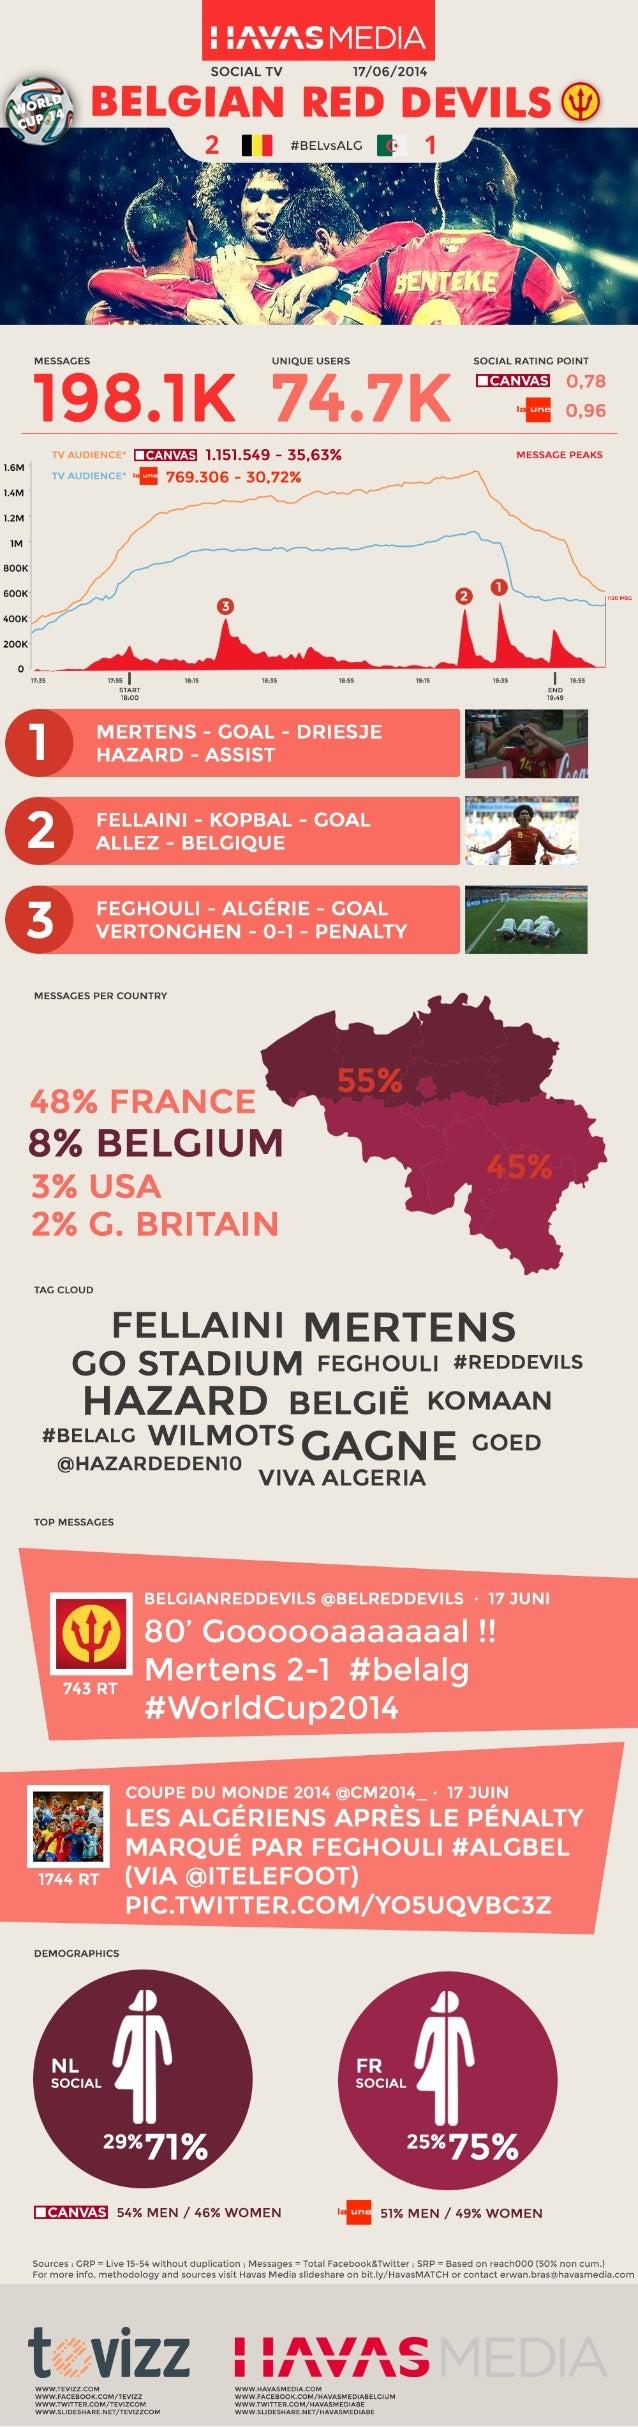 SRP Focus - Belgique/Algérie - Un contenu fédérateur et engageant - 200.000 messages sur les réseaux sociaux!